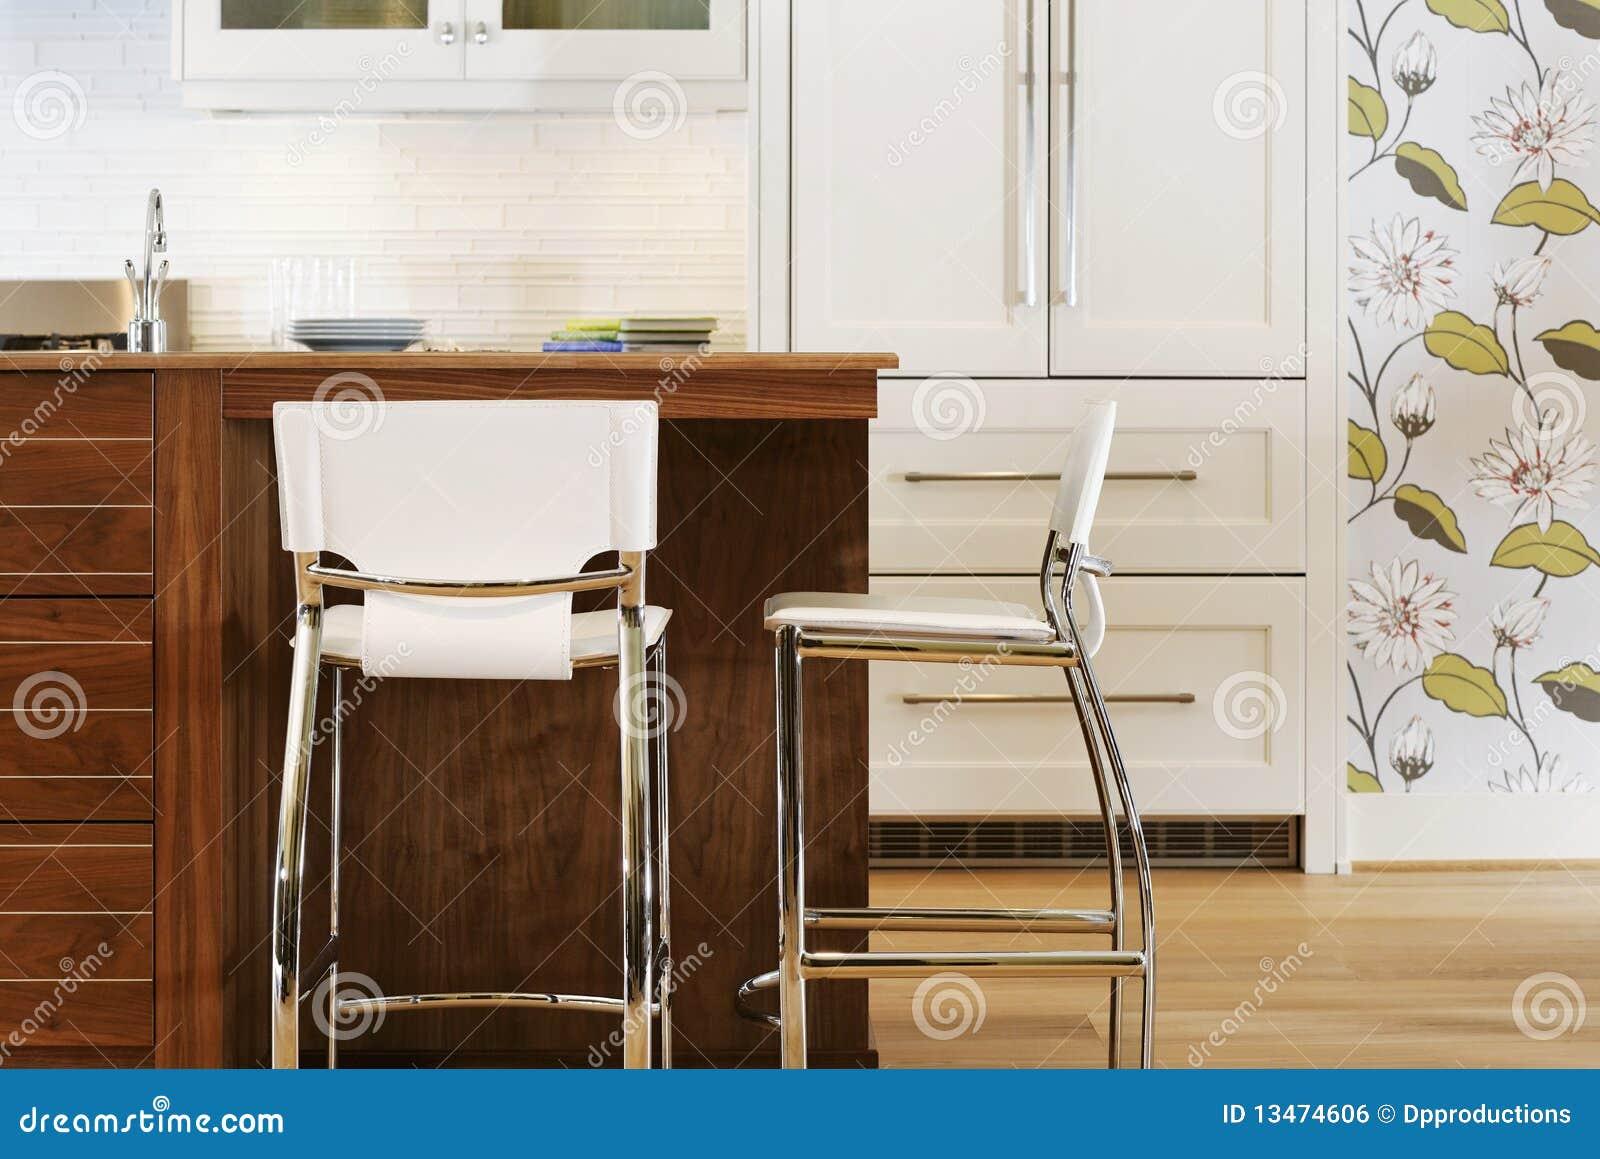 Eigentijdse keuken royalty vrije stock afbeelding afbeelding 13474606 - Foto eigentijdse keuken ...